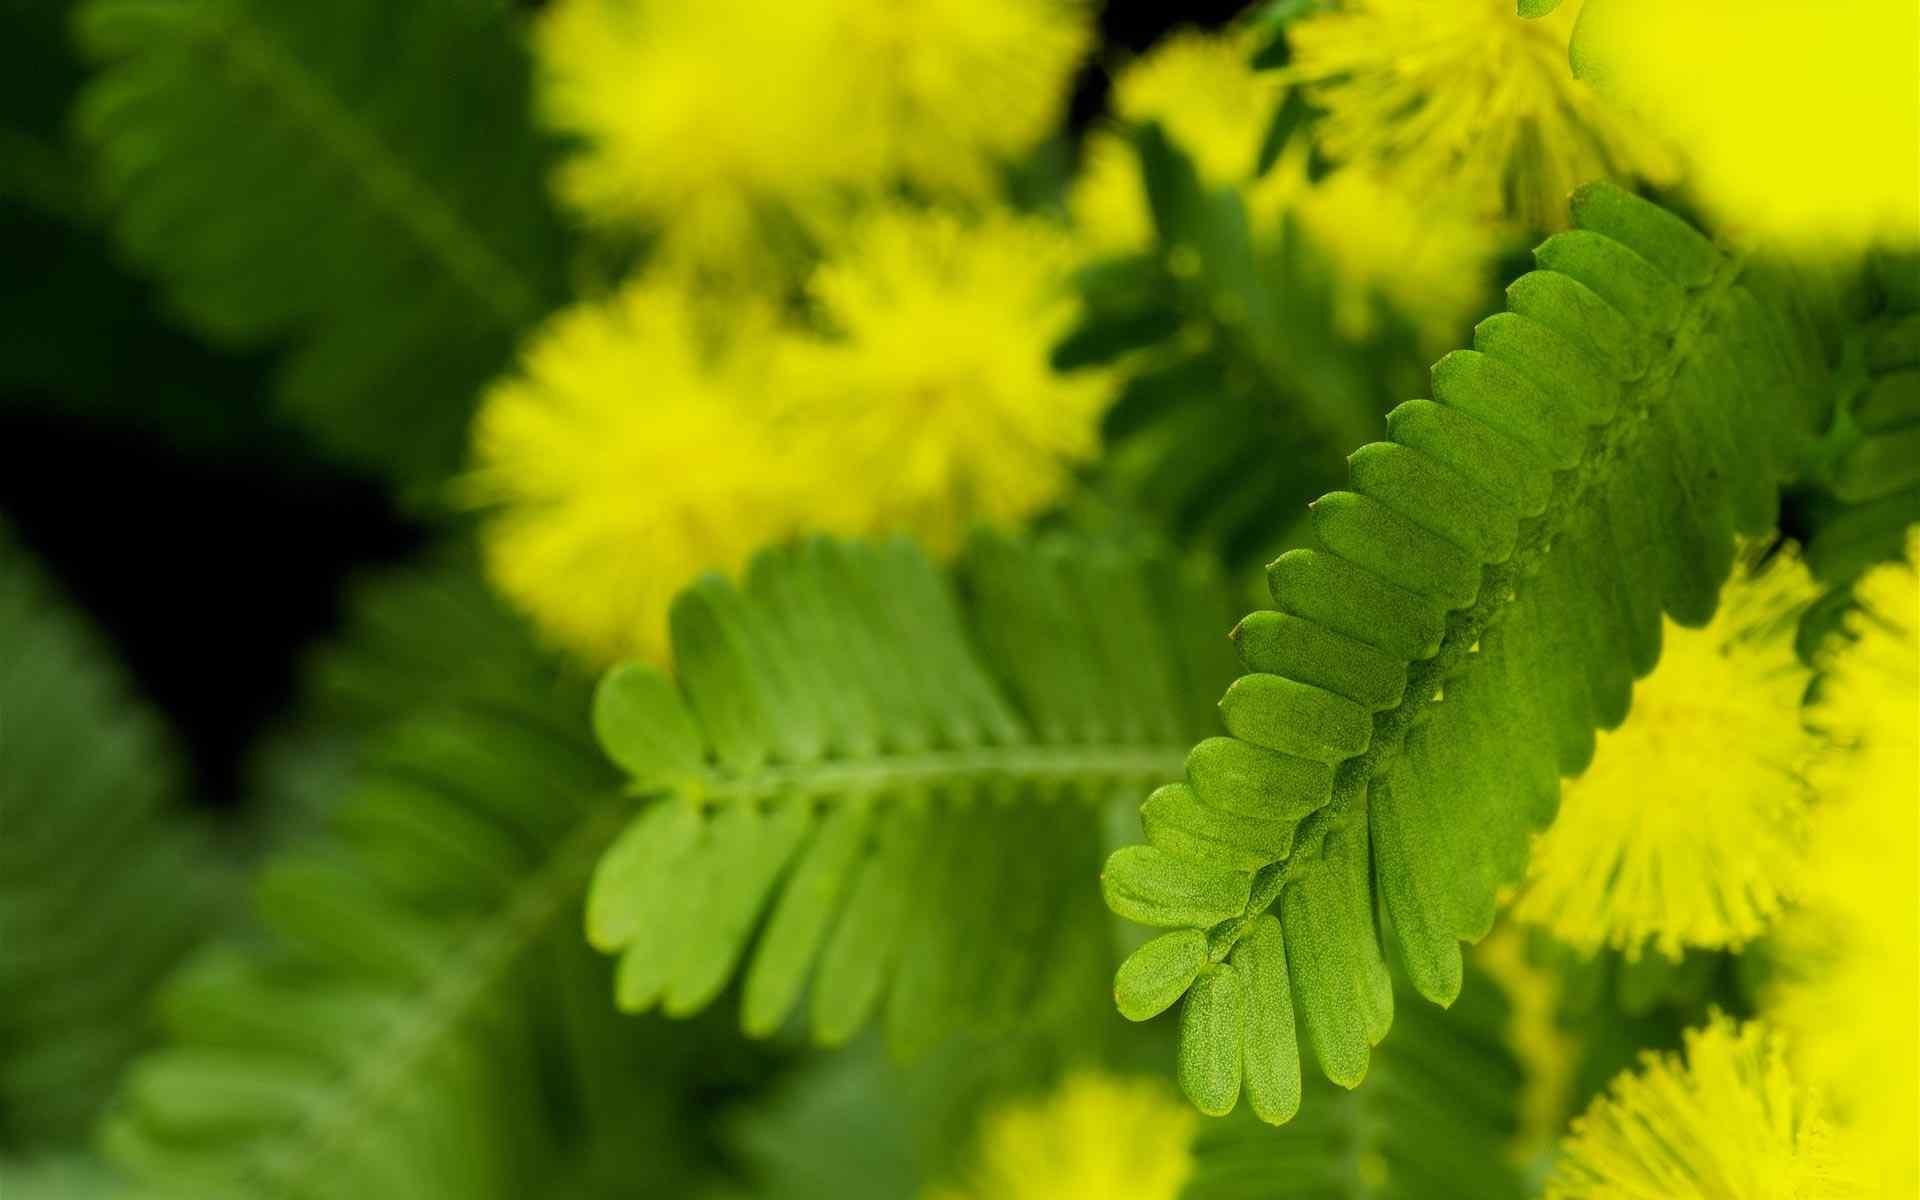 小清新绿色植物图片壁纸